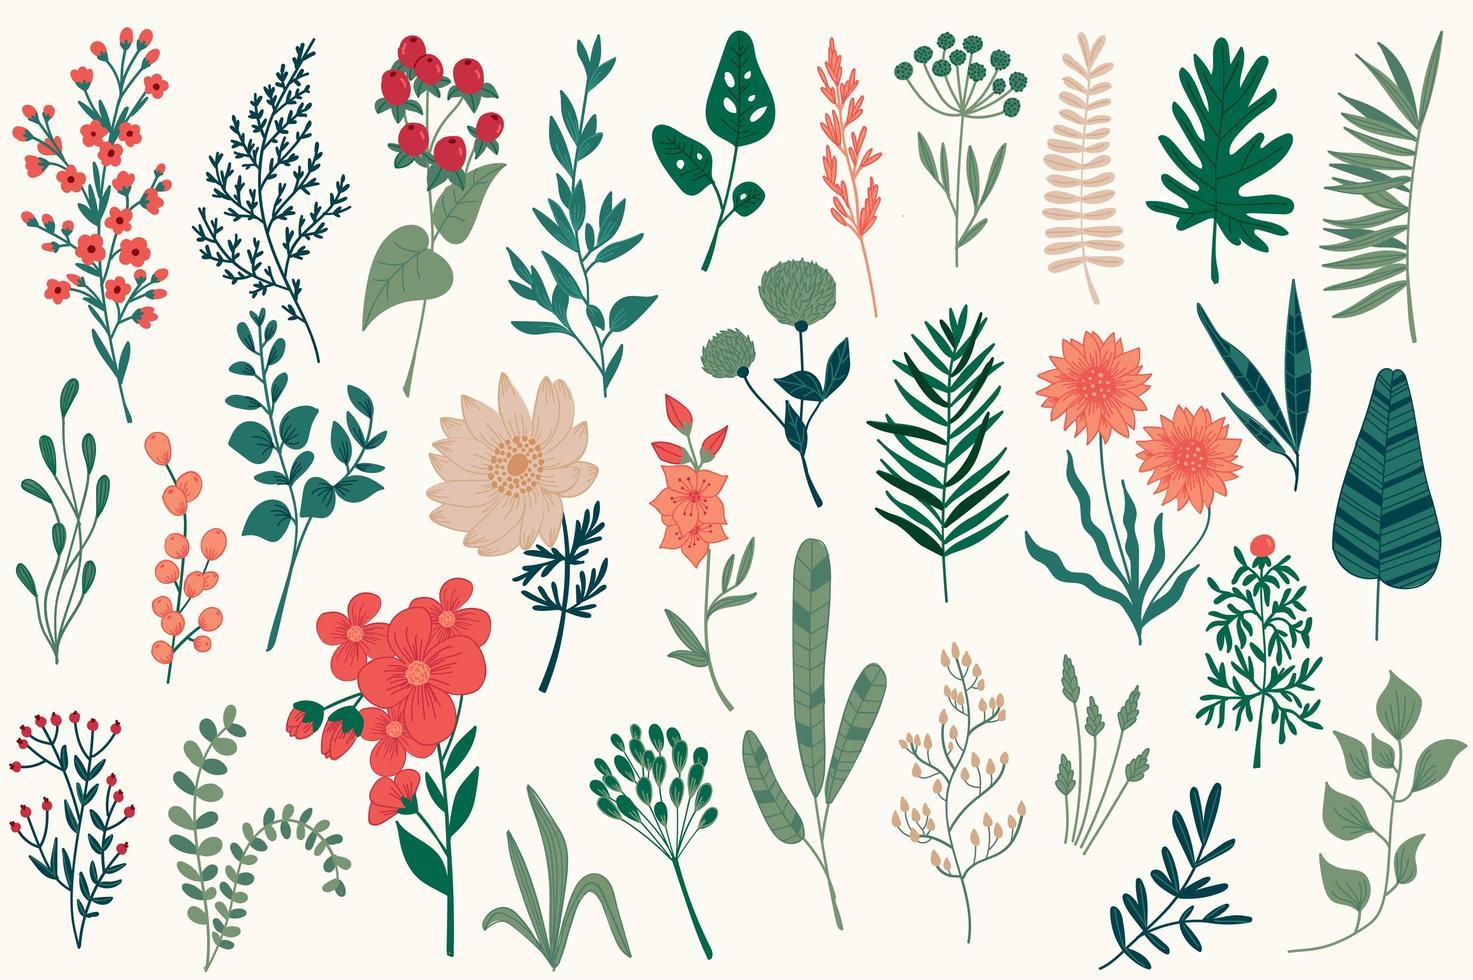 handgezeichnete Blumendekorationen für Weihnachten vektor